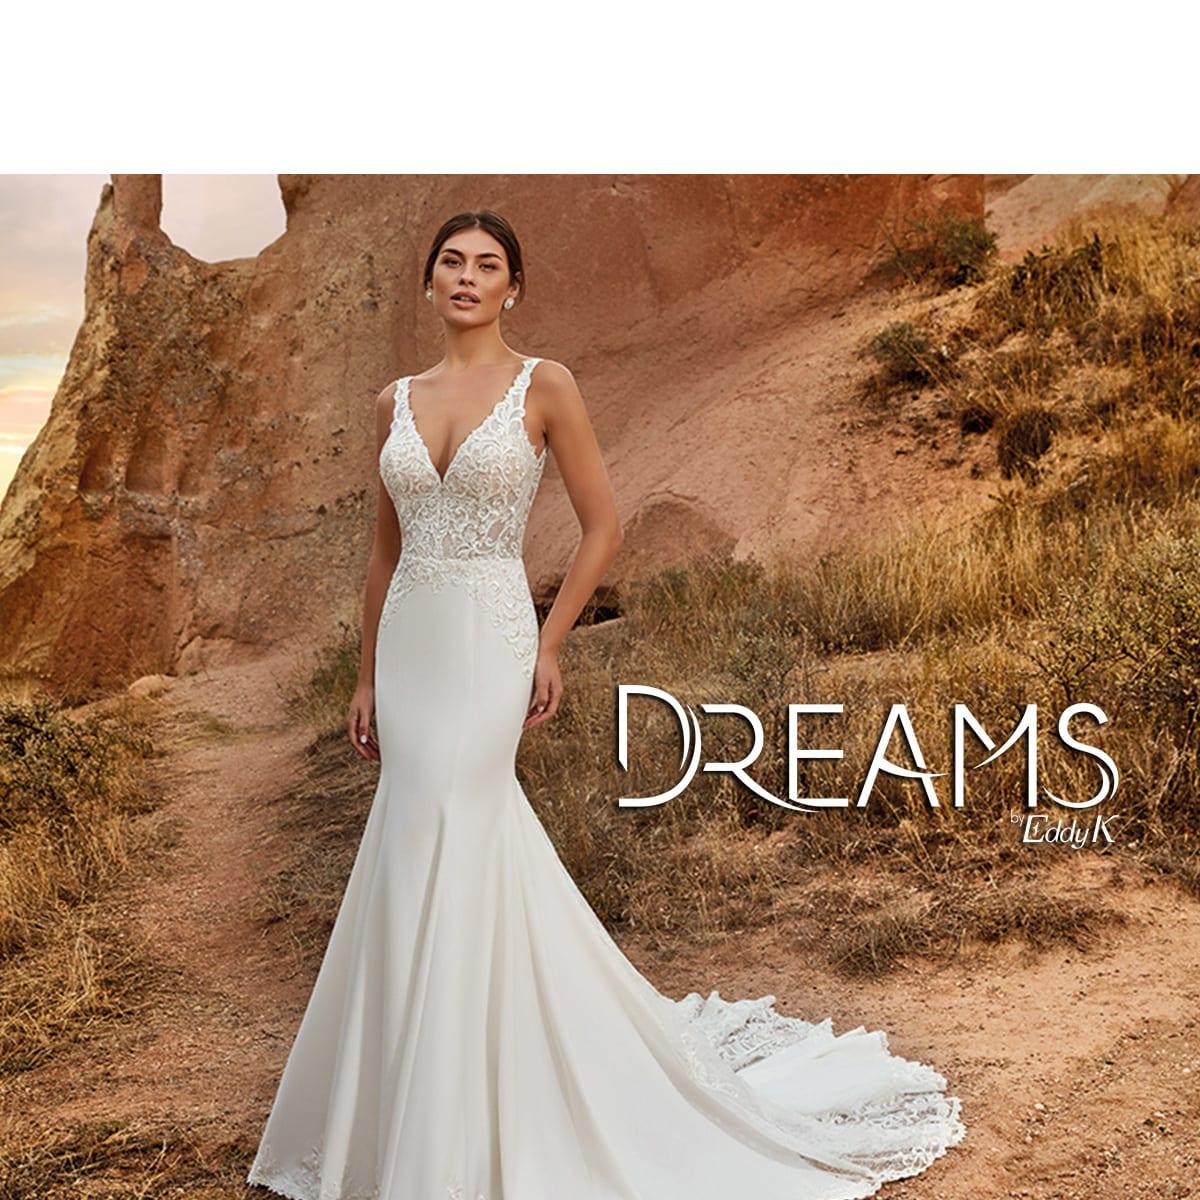 Dress Gallery Bridal & Prom Shop – Eddy K Bridal Gowns   Designer ...